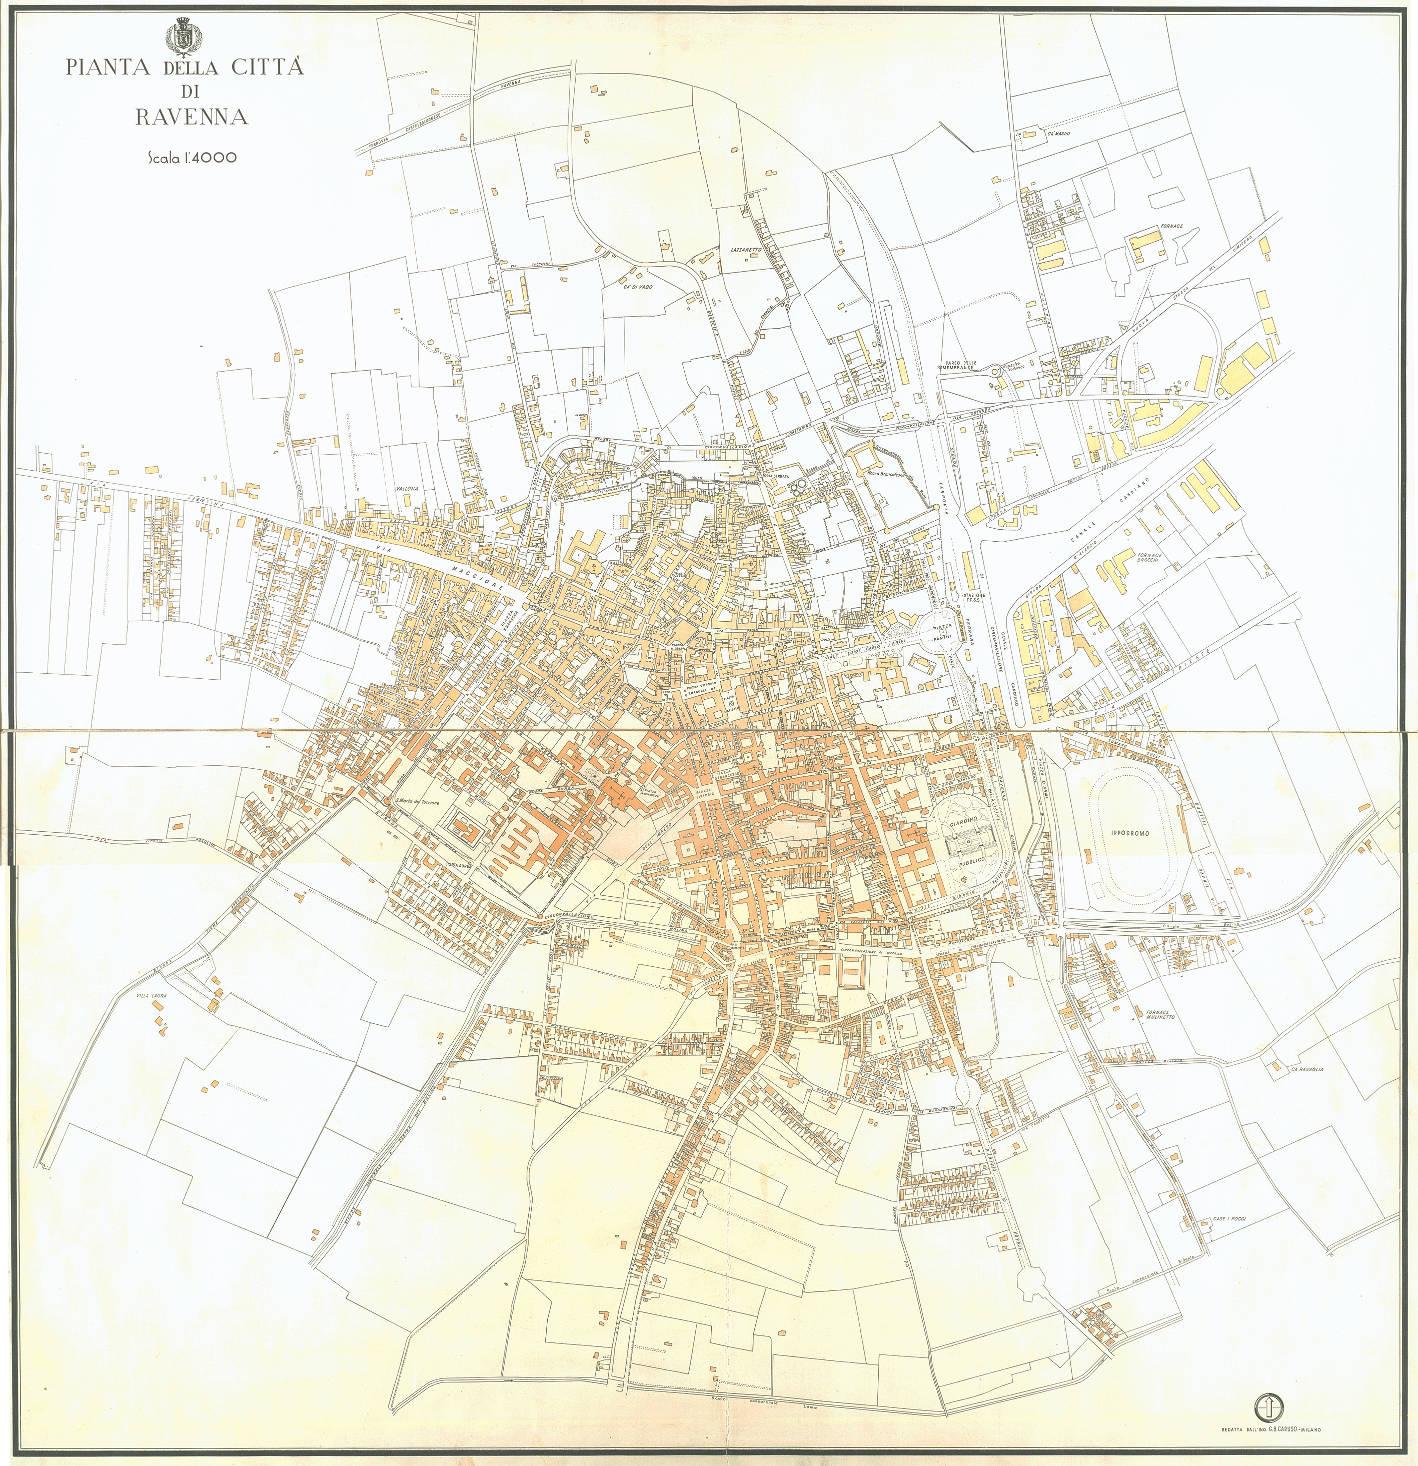 Pianta della città di Ravenna autore: G.B. Caruso Scala 1:4000 data: ante 1945